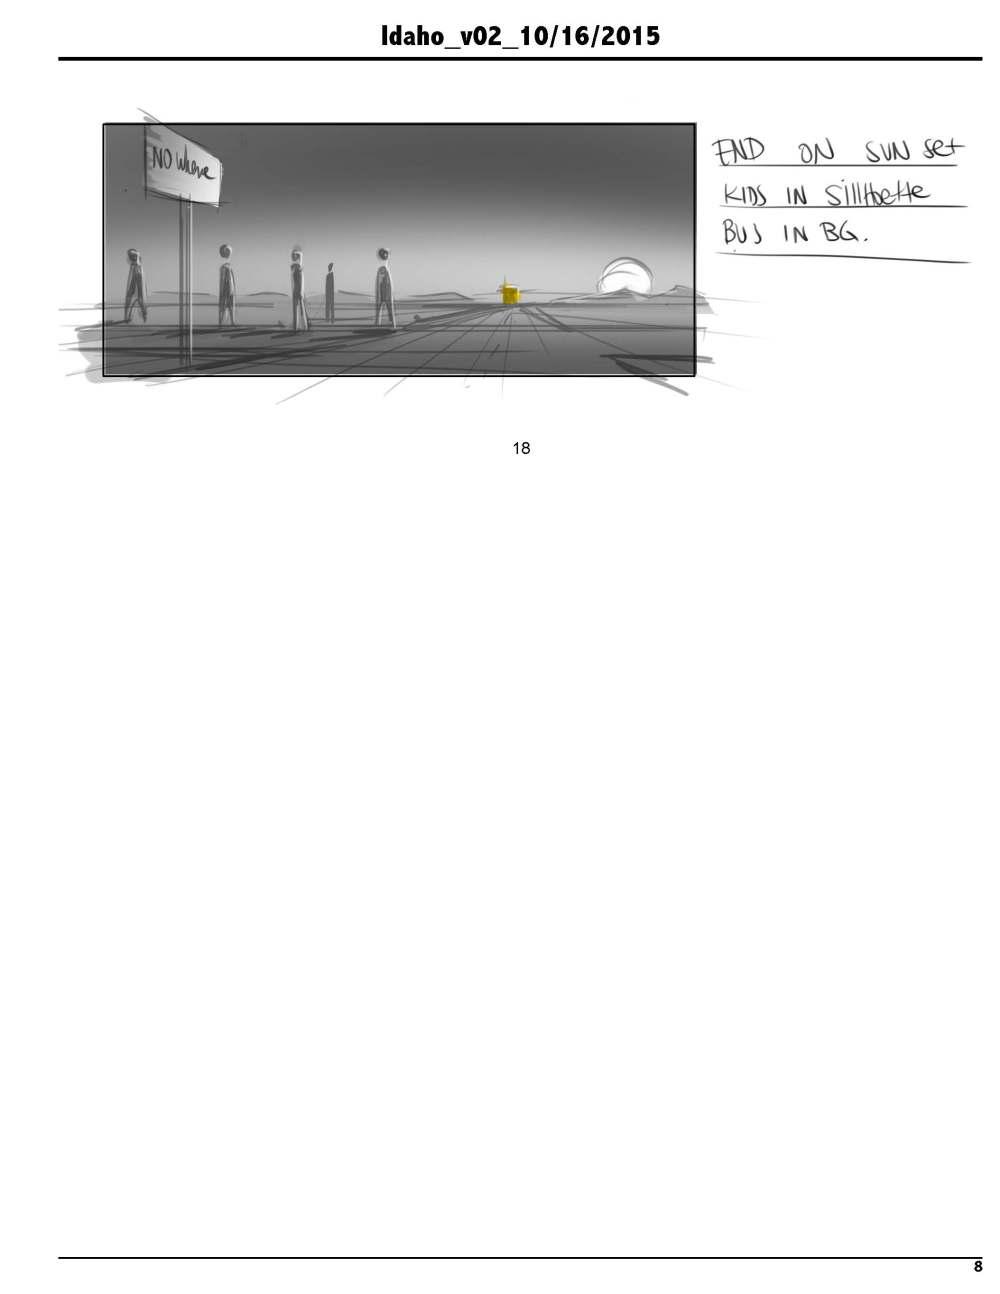 idaho_v02_page_8